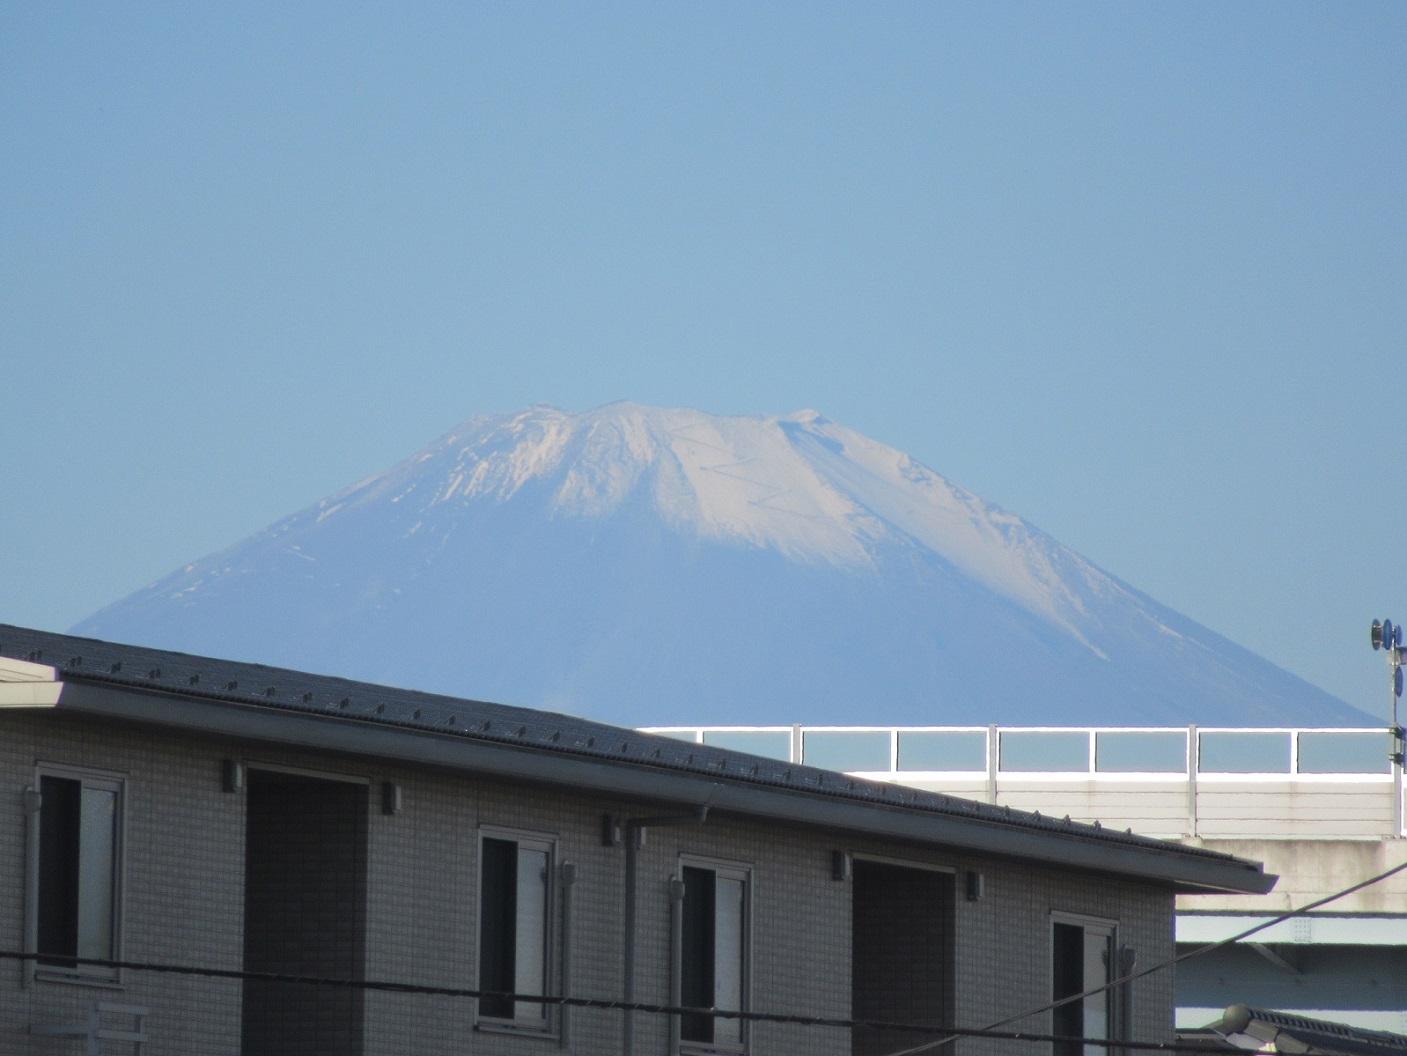 馬場交差点付近から見た富士山